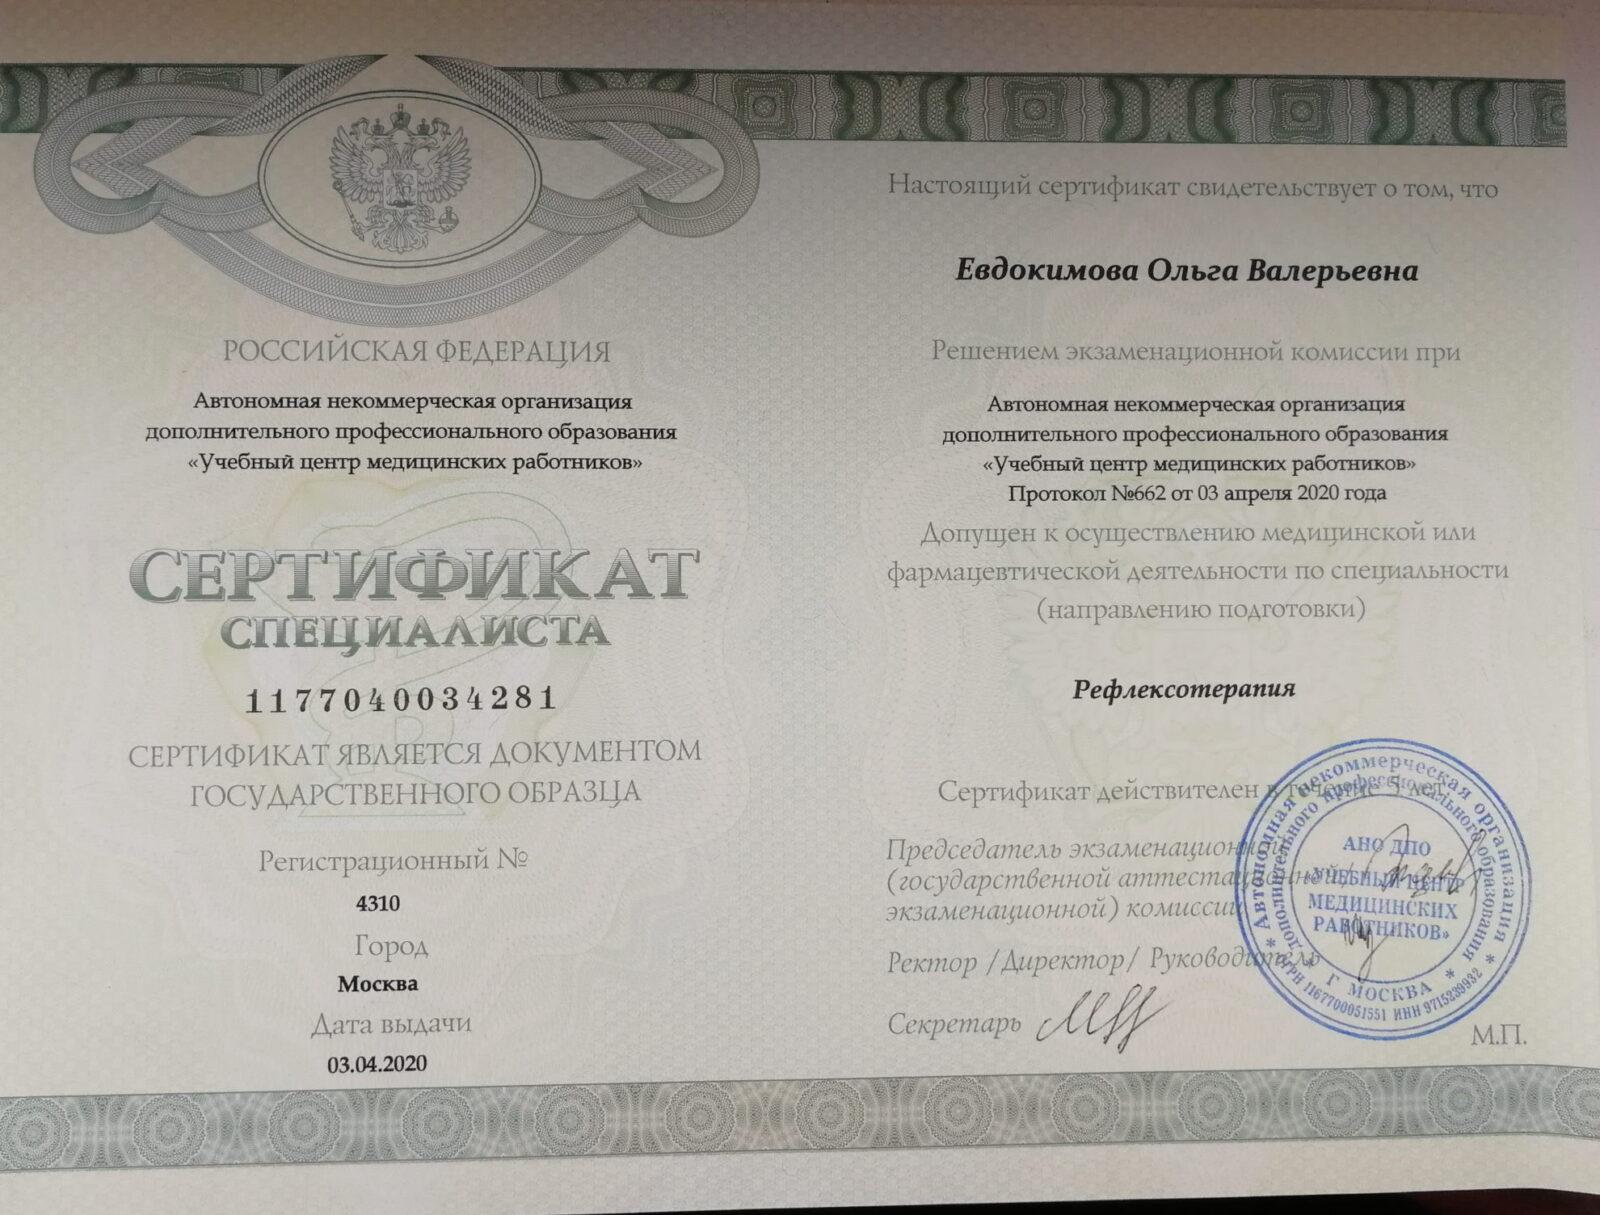 2020.04.03 Сертификат специалиста